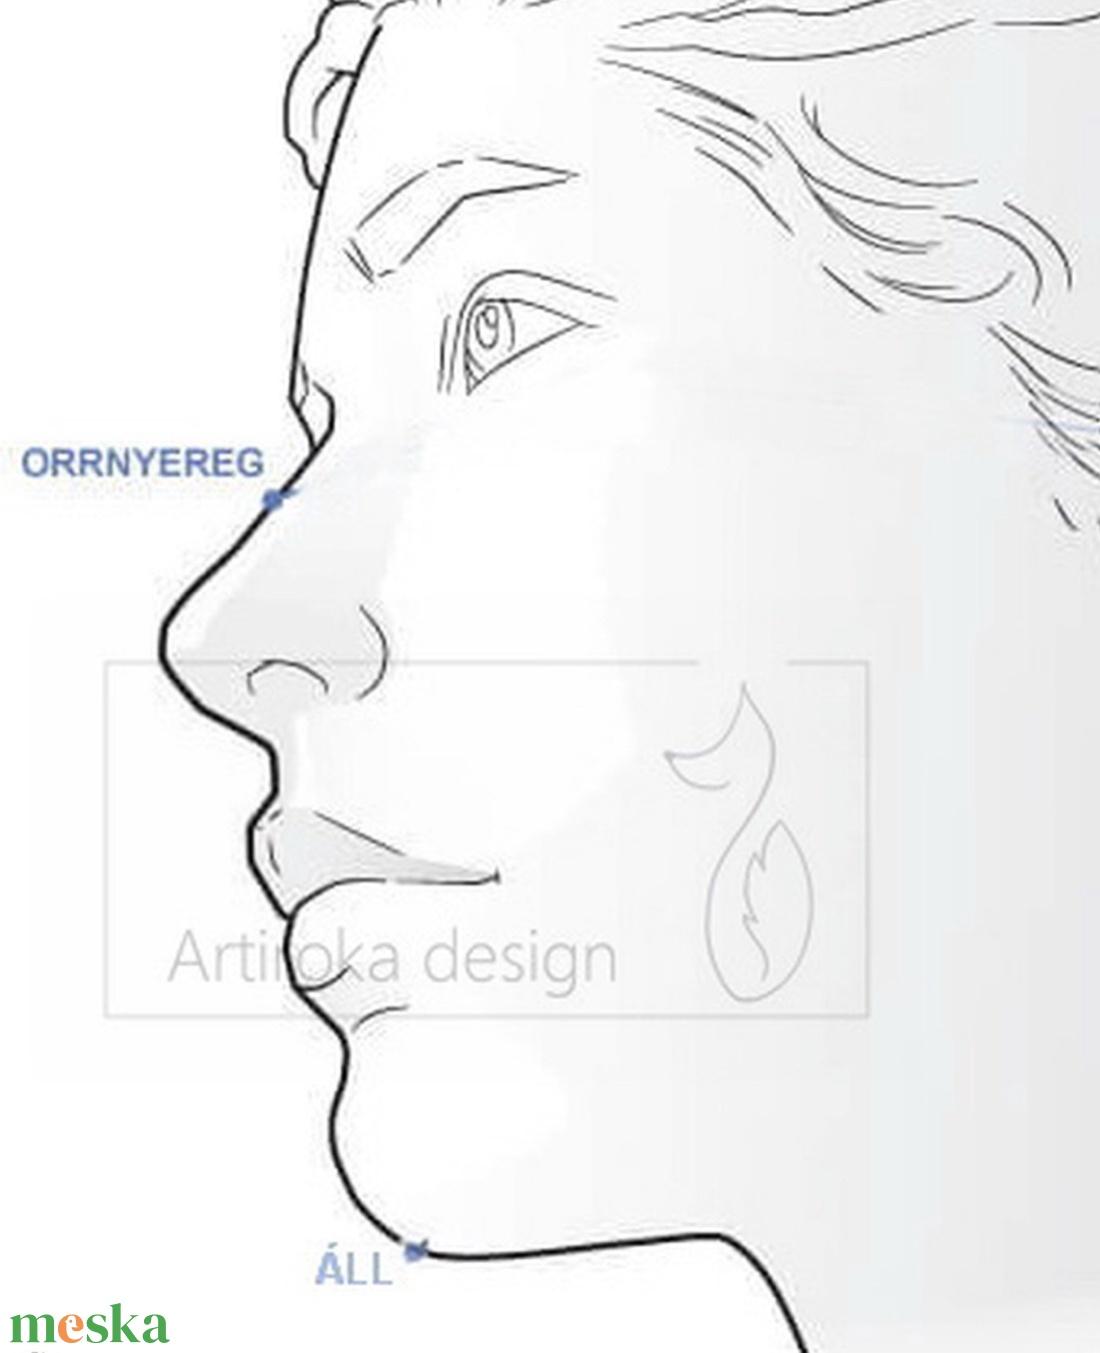 AKCIÓ - Színes, különleges piros - türkiz mintás arcmaszk, szájmaszk, maszk - S méretben -  Artiroka design - maszk, arcmaszk - női - Meska.hu